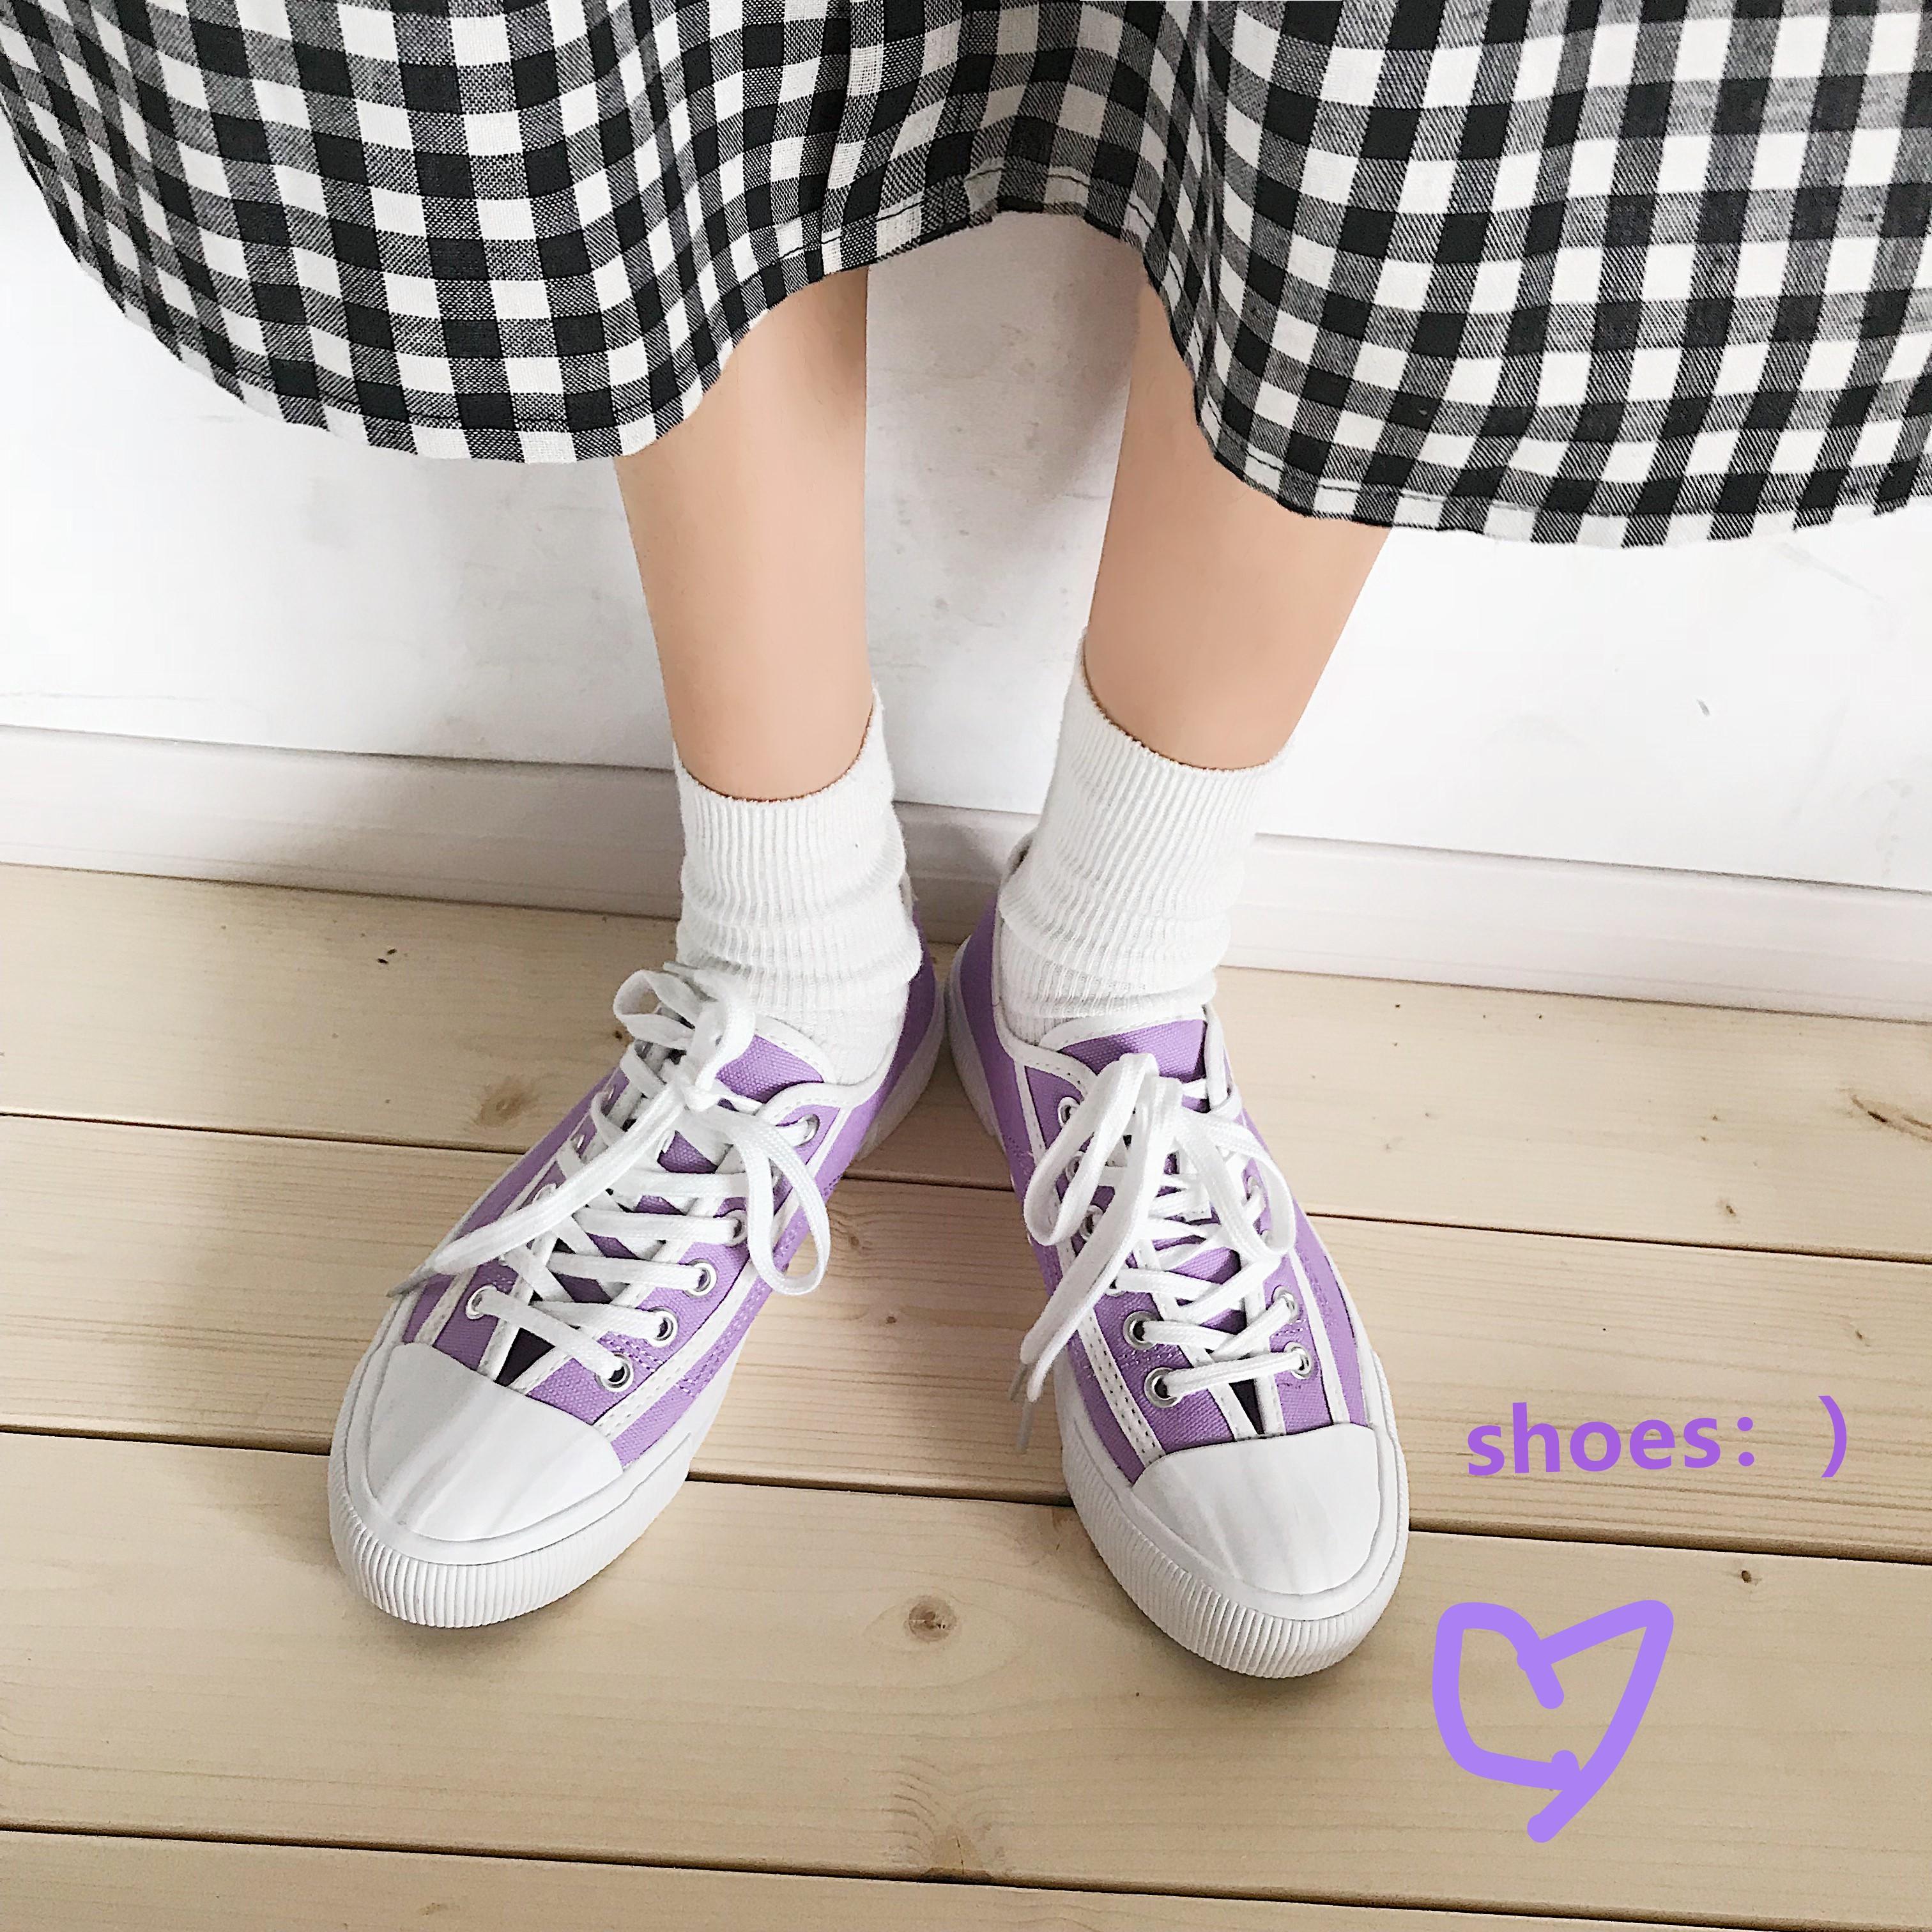 韩版复古板鞋 南在南方夏季新款港风复古百搭韩版帆布鞋学生原宿ulzzang板鞋_推荐淘宝好看的韩版复古板鞋